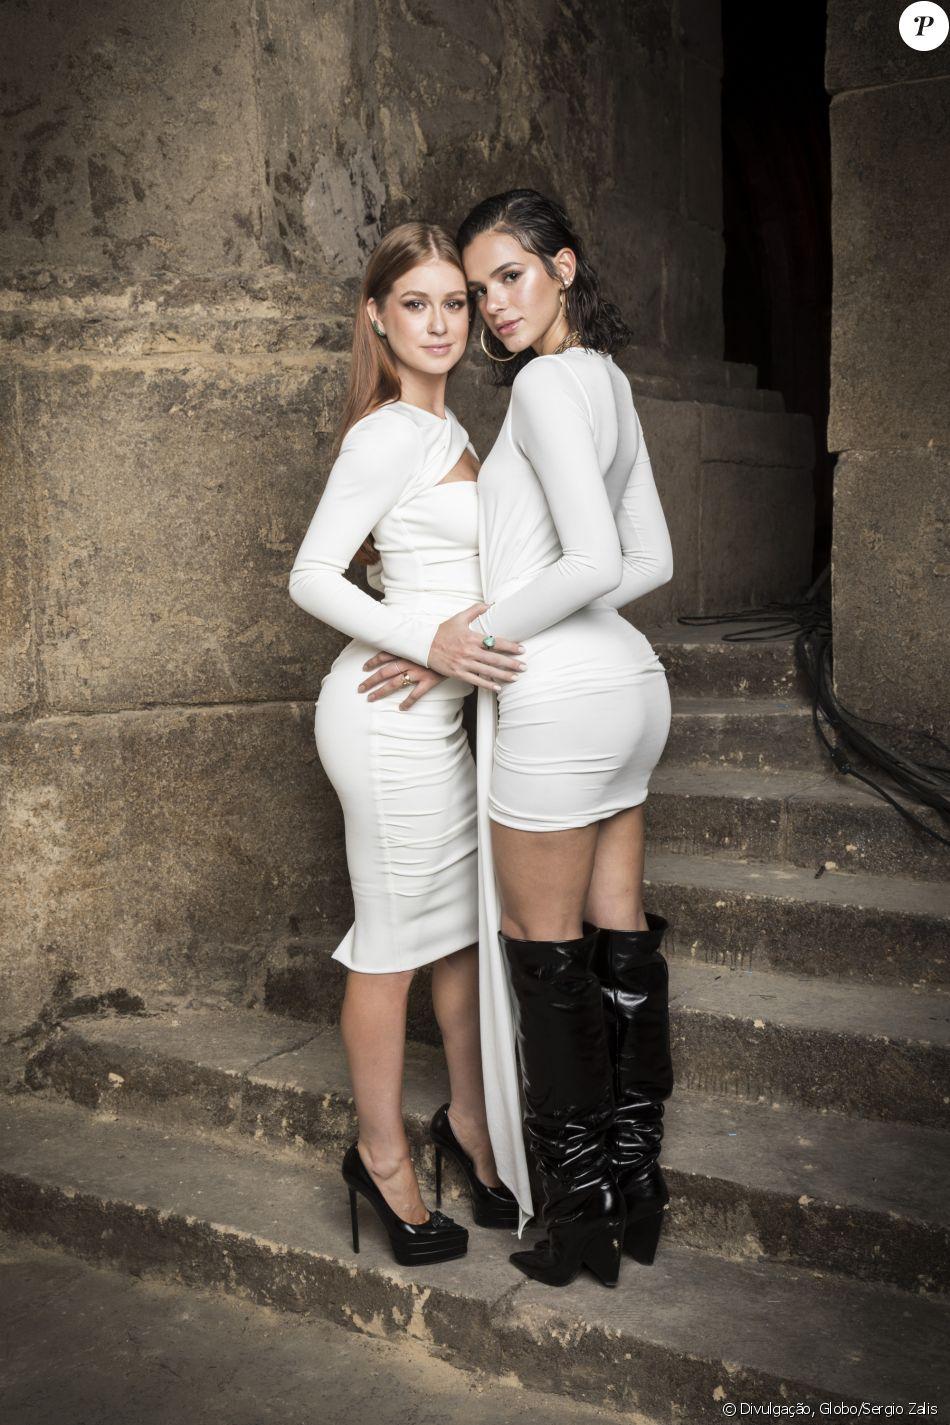 Sintonia no ar! Marina Ruy Barbosa e Bruna Marquezine vestiram branco no lançamento da novela 'Deus Salve o Rei', nos Estúdios Globo, na noite desta quinta-feira, 14 de dezembro de 2017